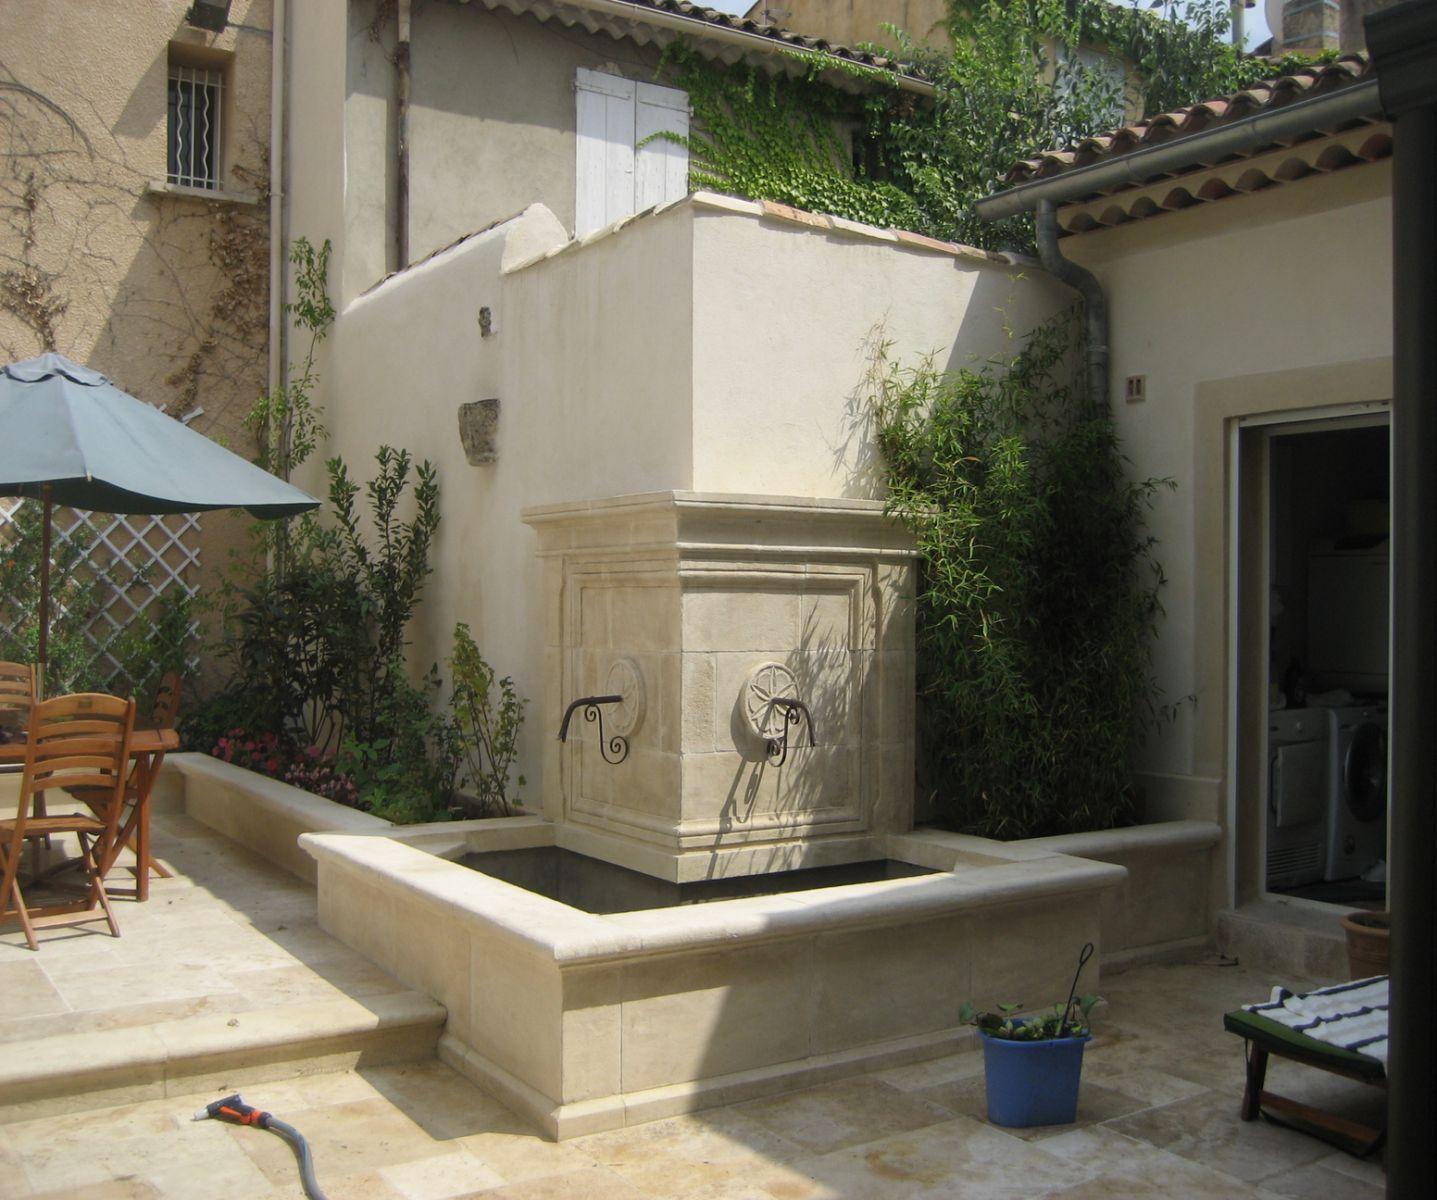 fabrication de fontaines murales en pierre naturelle dans. Black Bedroom Furniture Sets. Home Design Ideas